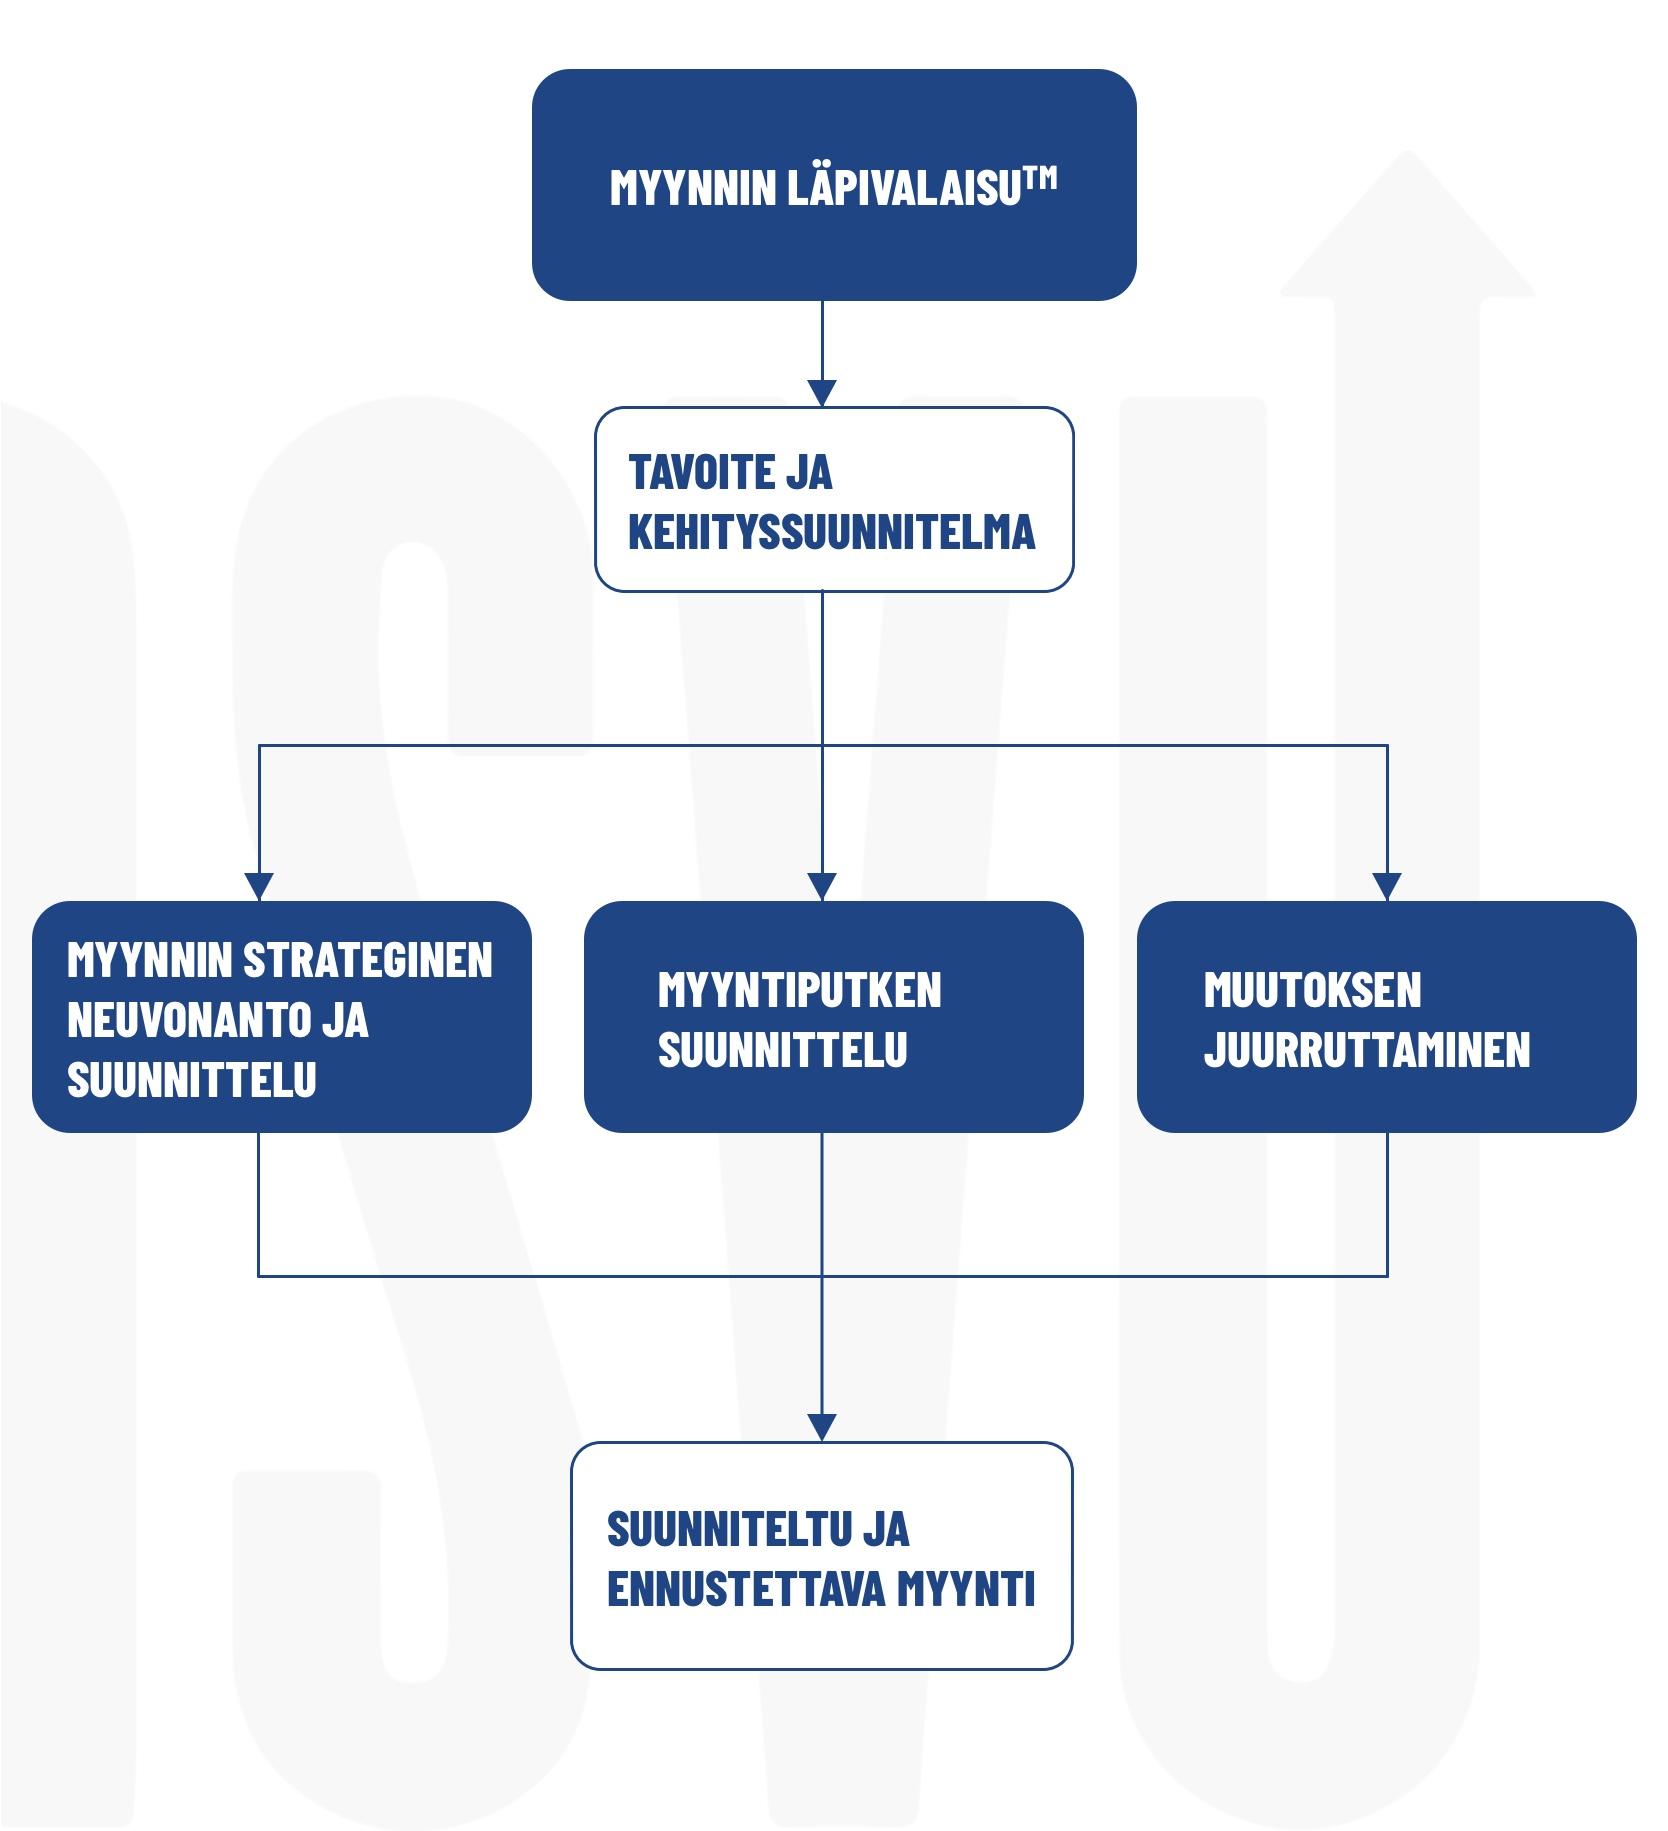 prosessi-myynnin-suunnitteluun-kasvu-partners